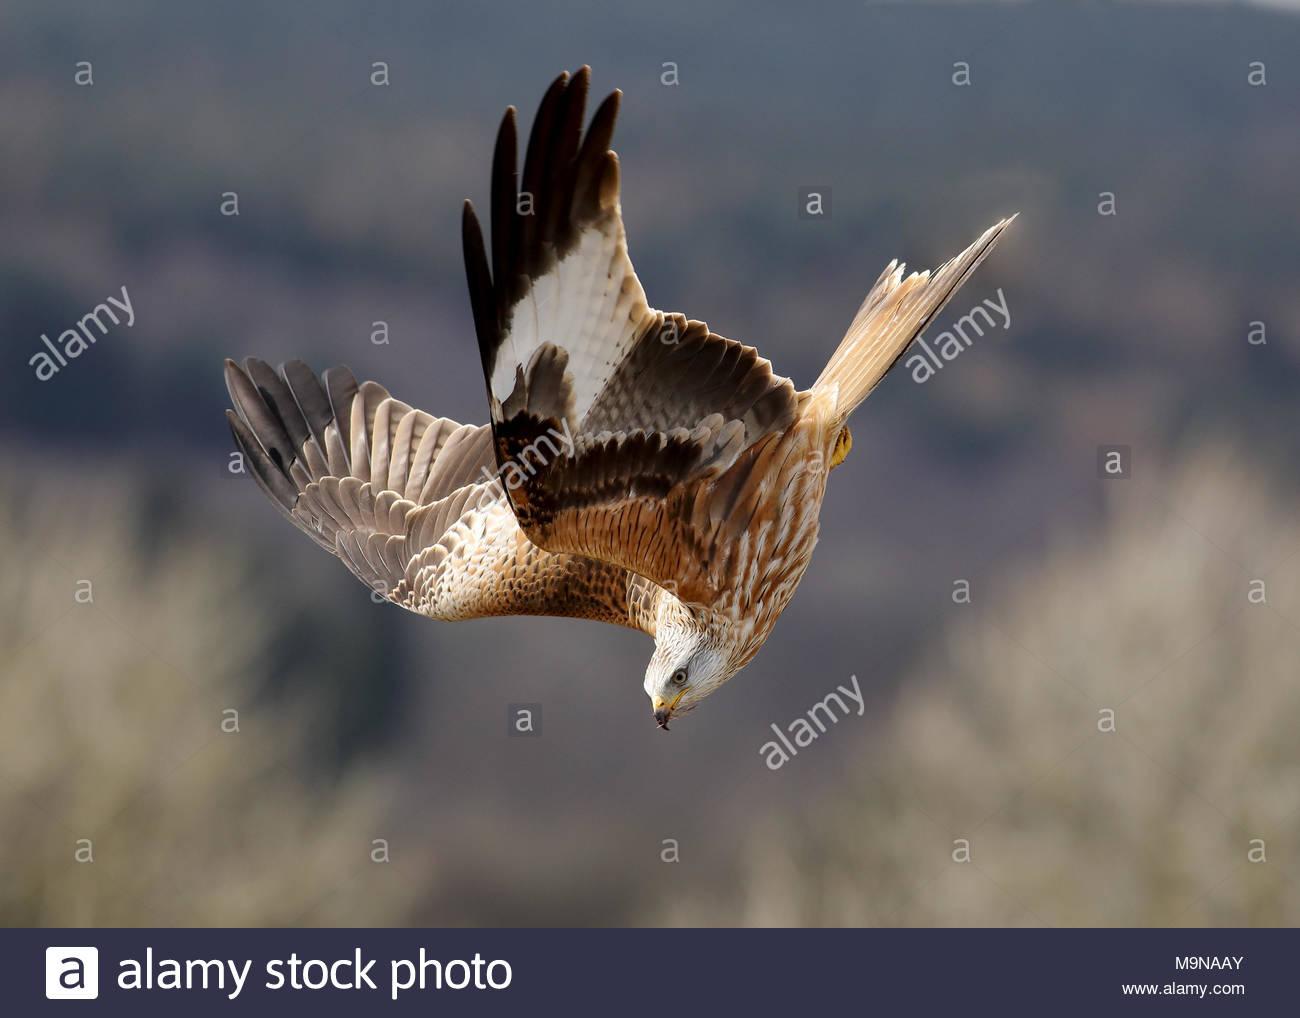 Un cerf-volant rouge en vol au-dessus les collines de Dumfriesshire, Ecosse. Banque D'Images